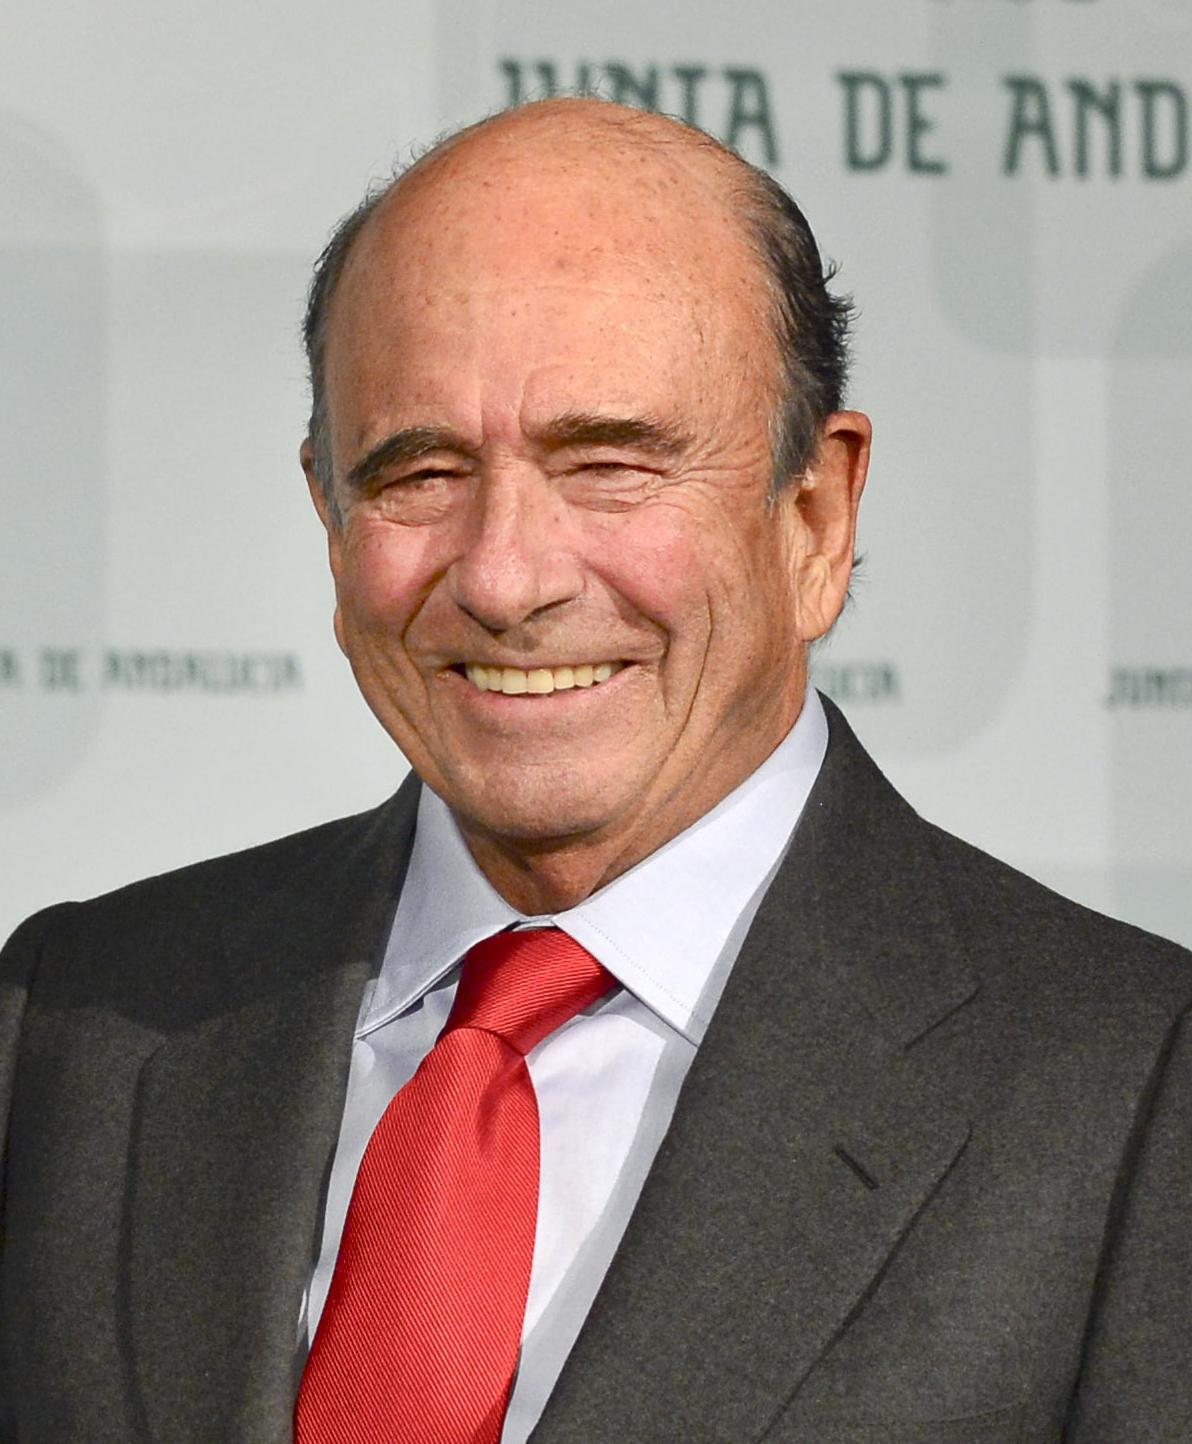 Miguel Ríos - Miguel Ríos